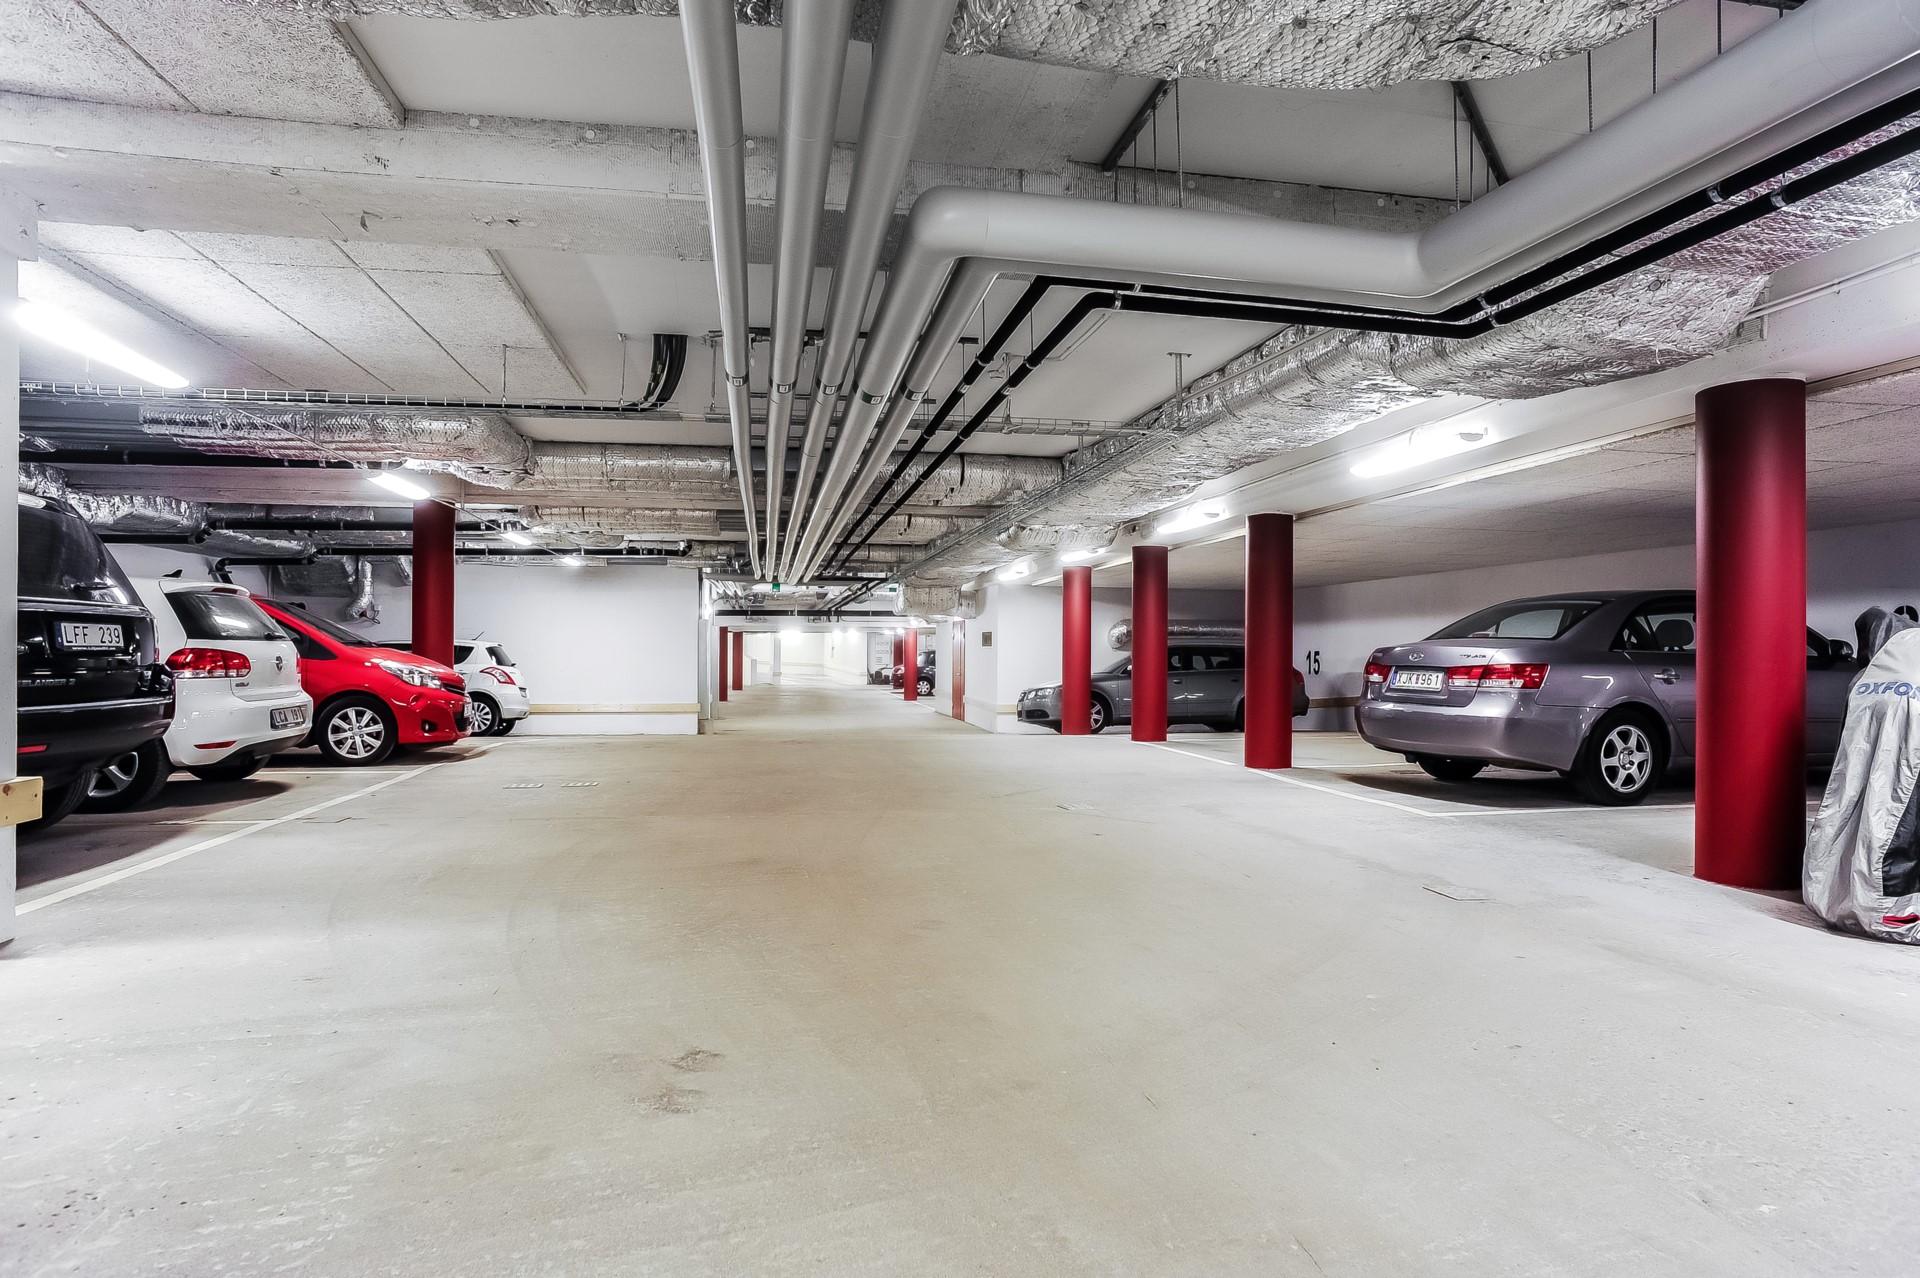 Garageplats utrustad med laddare för el-bil